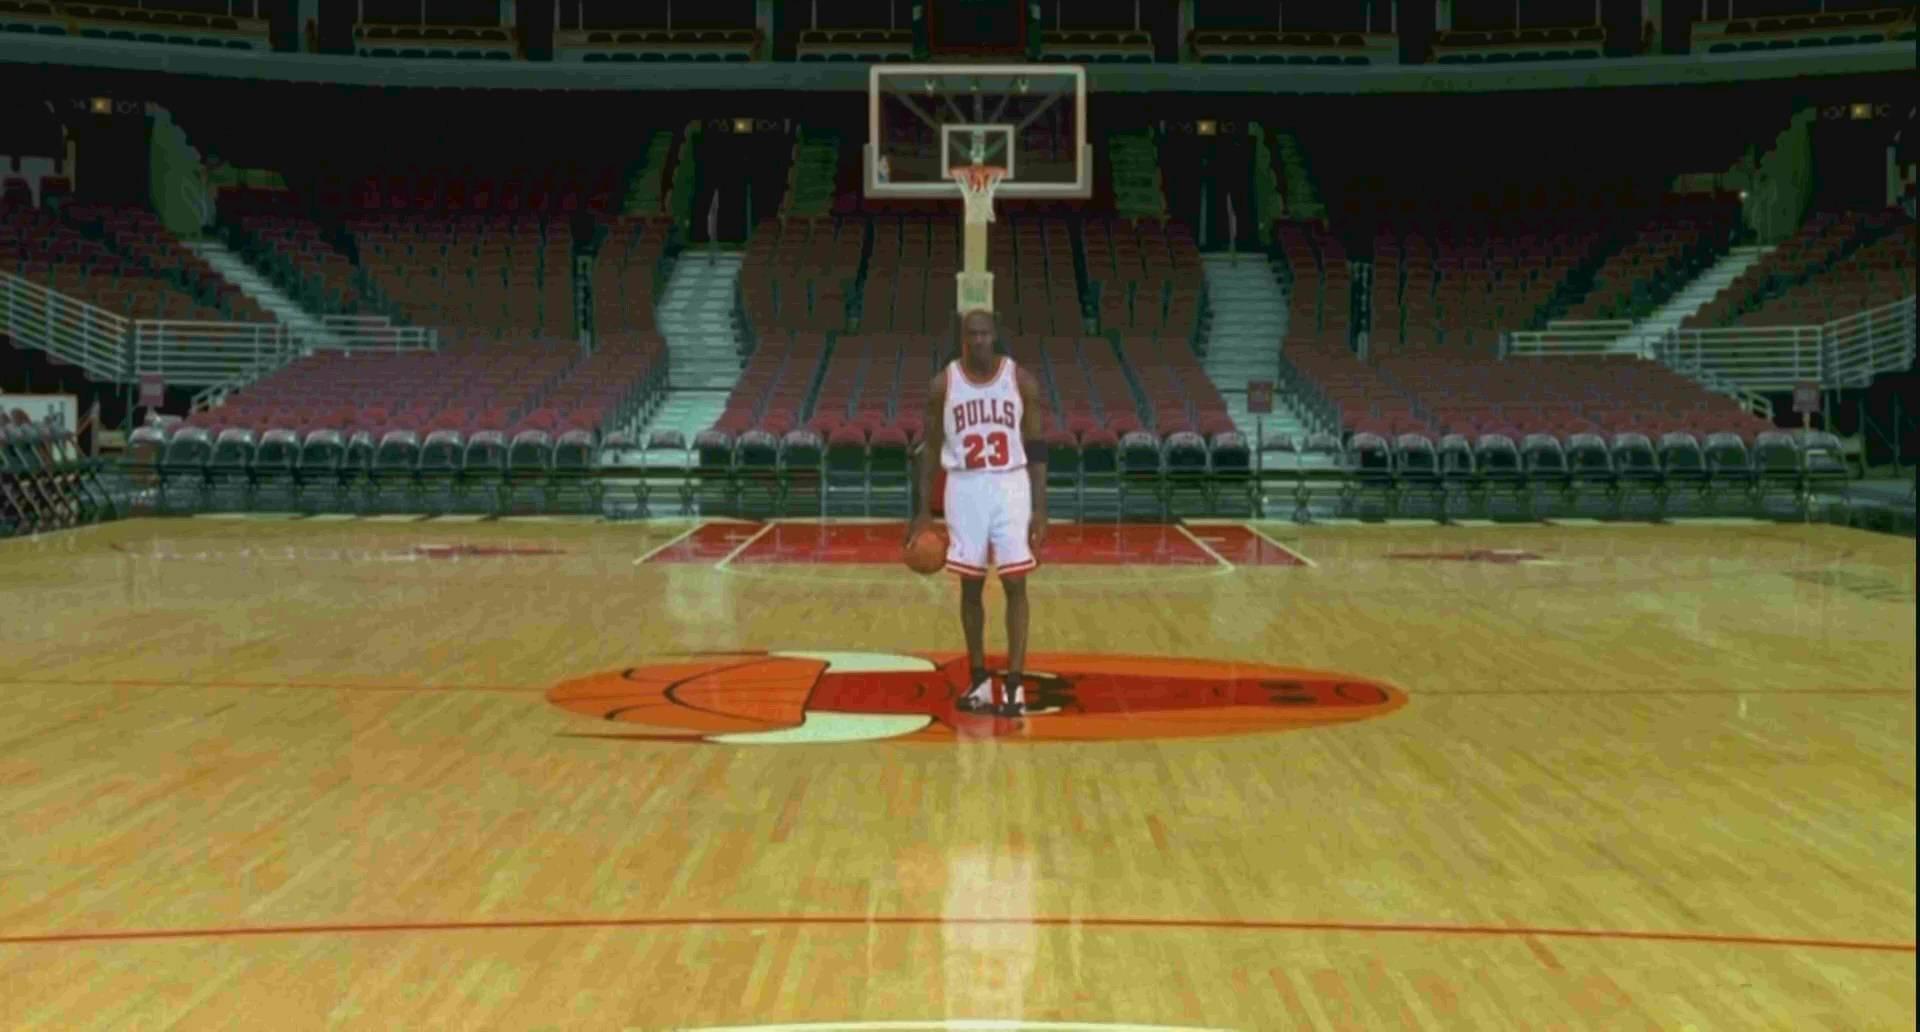 Jordan nei Chicago Bulls - neomag.